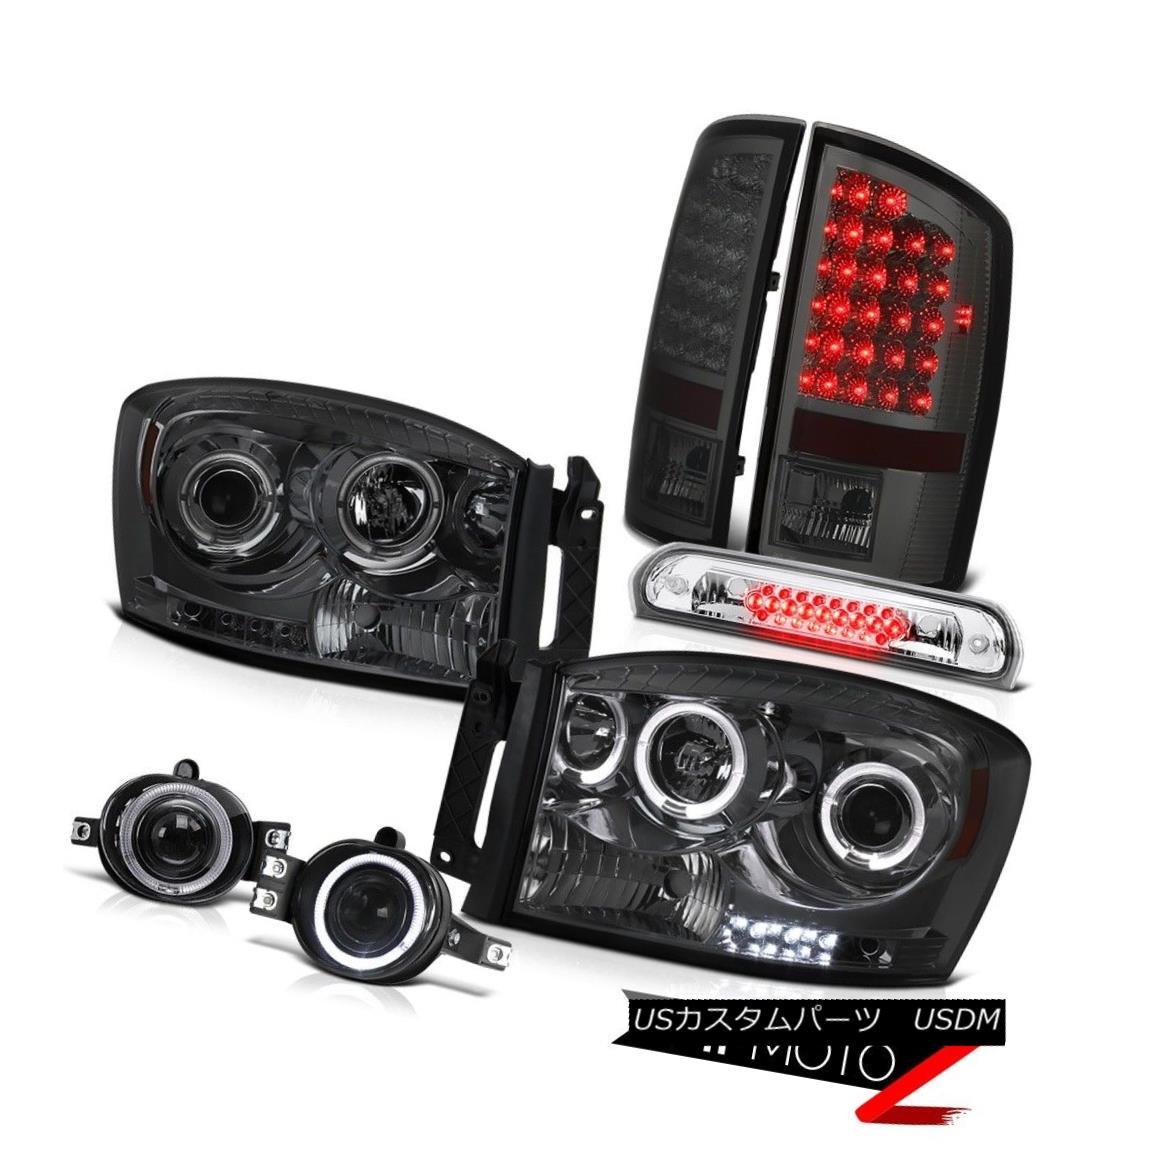 テールライト Halo Rim Headlights LED Brake Tail Lights Projector Fog 3rd 2006 Dodge Ram SLT Halo RimヘッドライトLEDブレーキテールライトプロジェクターフォグ3rd 2006 Dodge Ram SLT